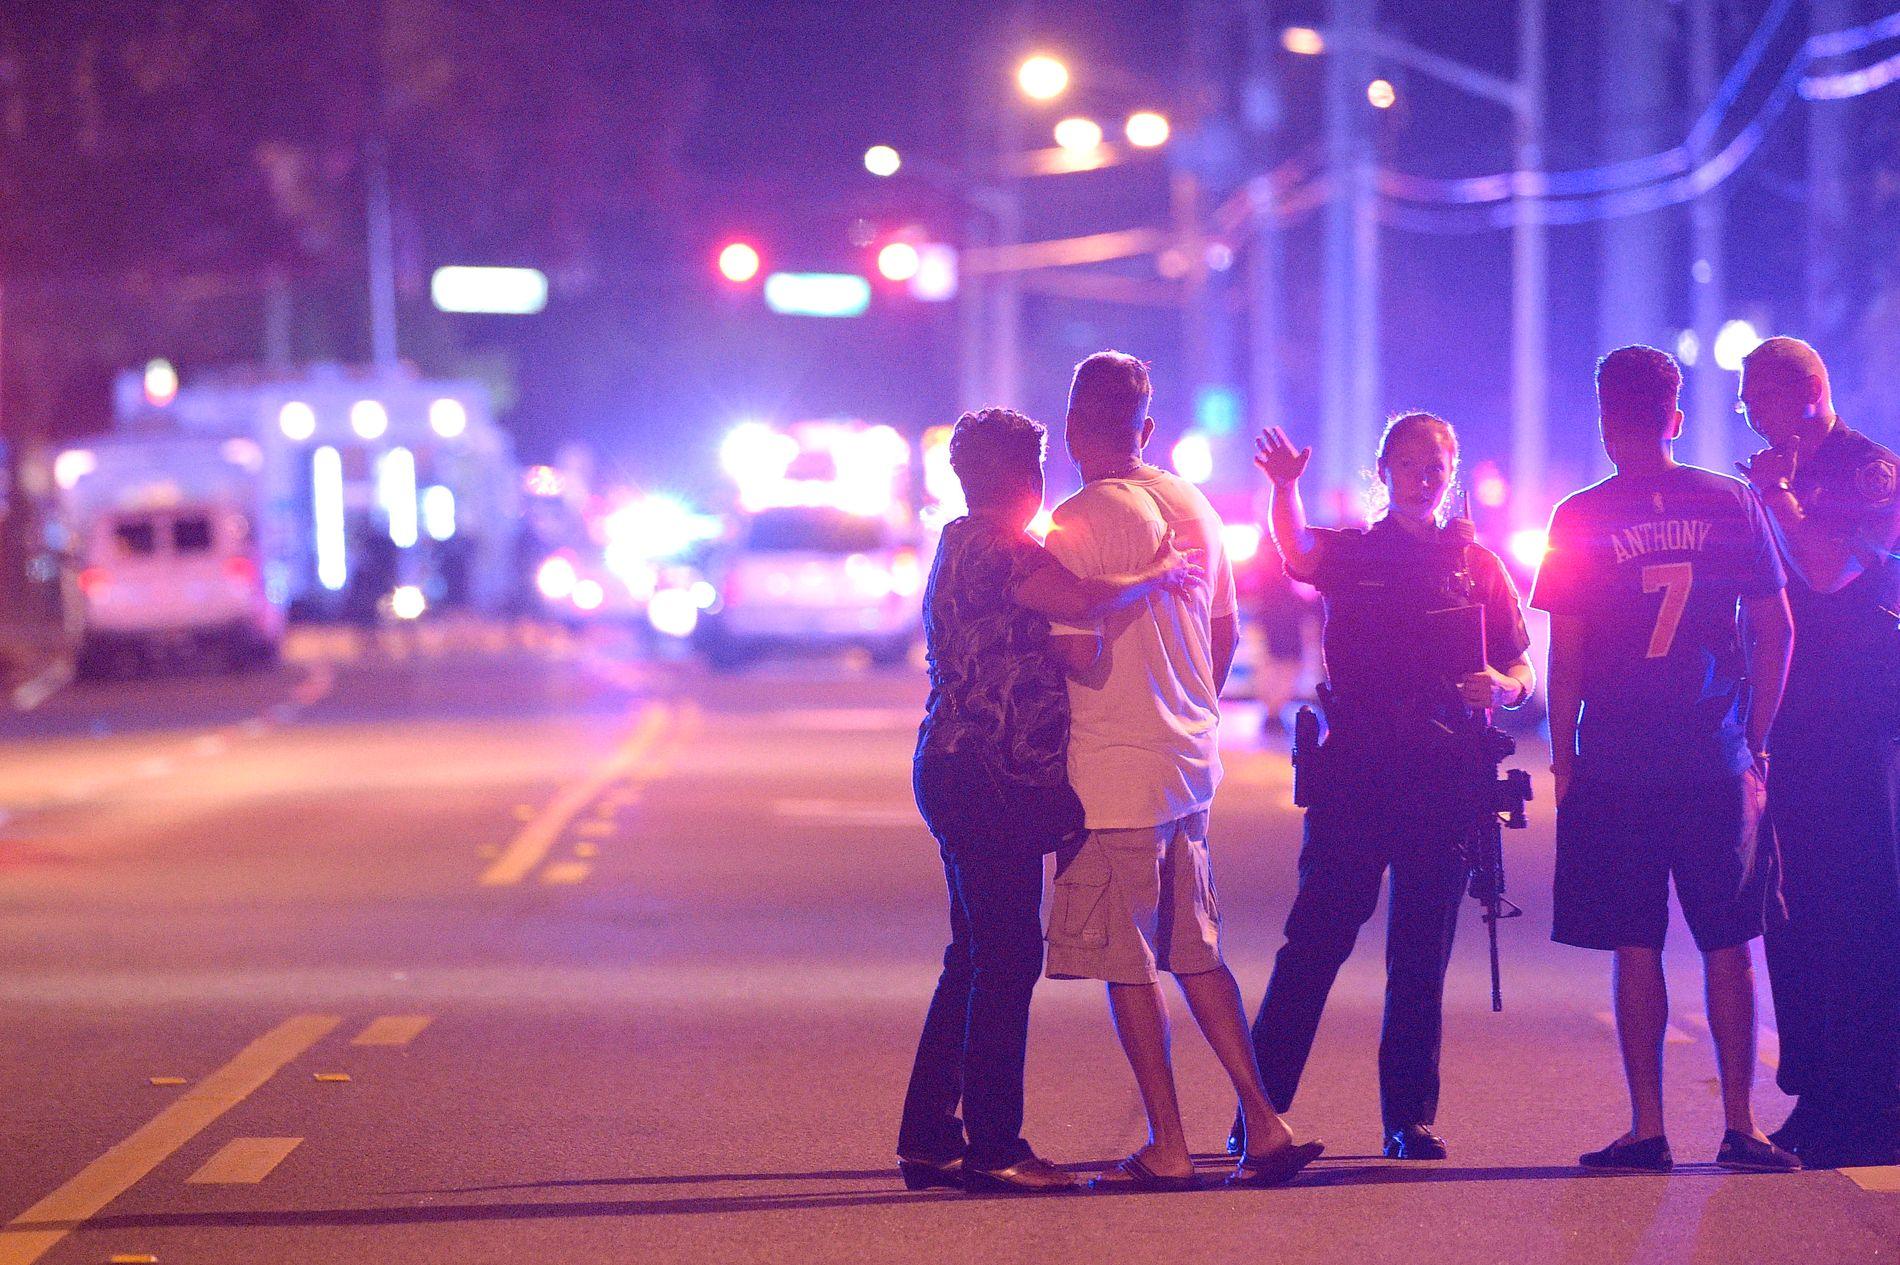 SKYTING: Orlando-politiet ba mennesker holde seg unna området hvor skytingen fant sted.